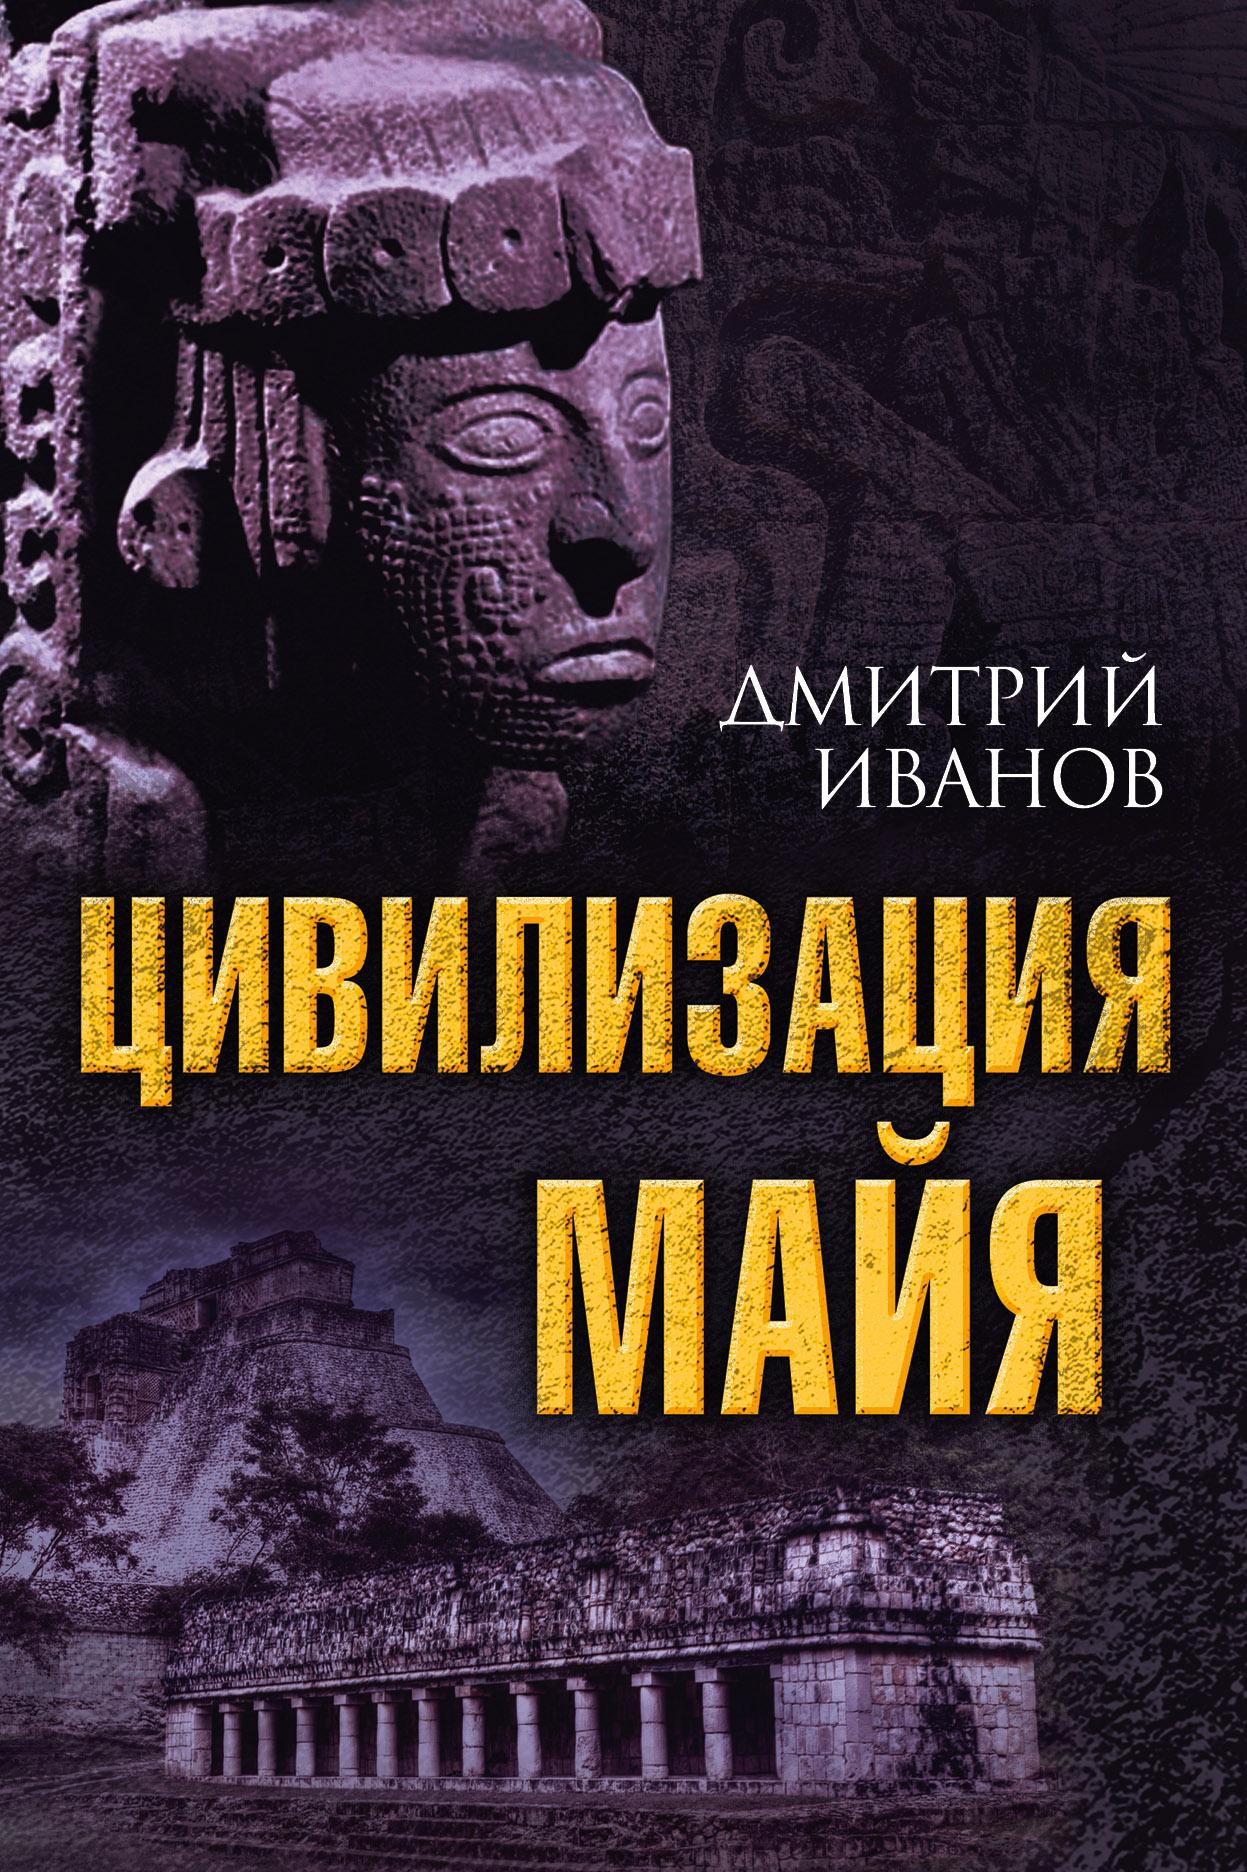 Дмитрий Иванов Цивилизация майя цены